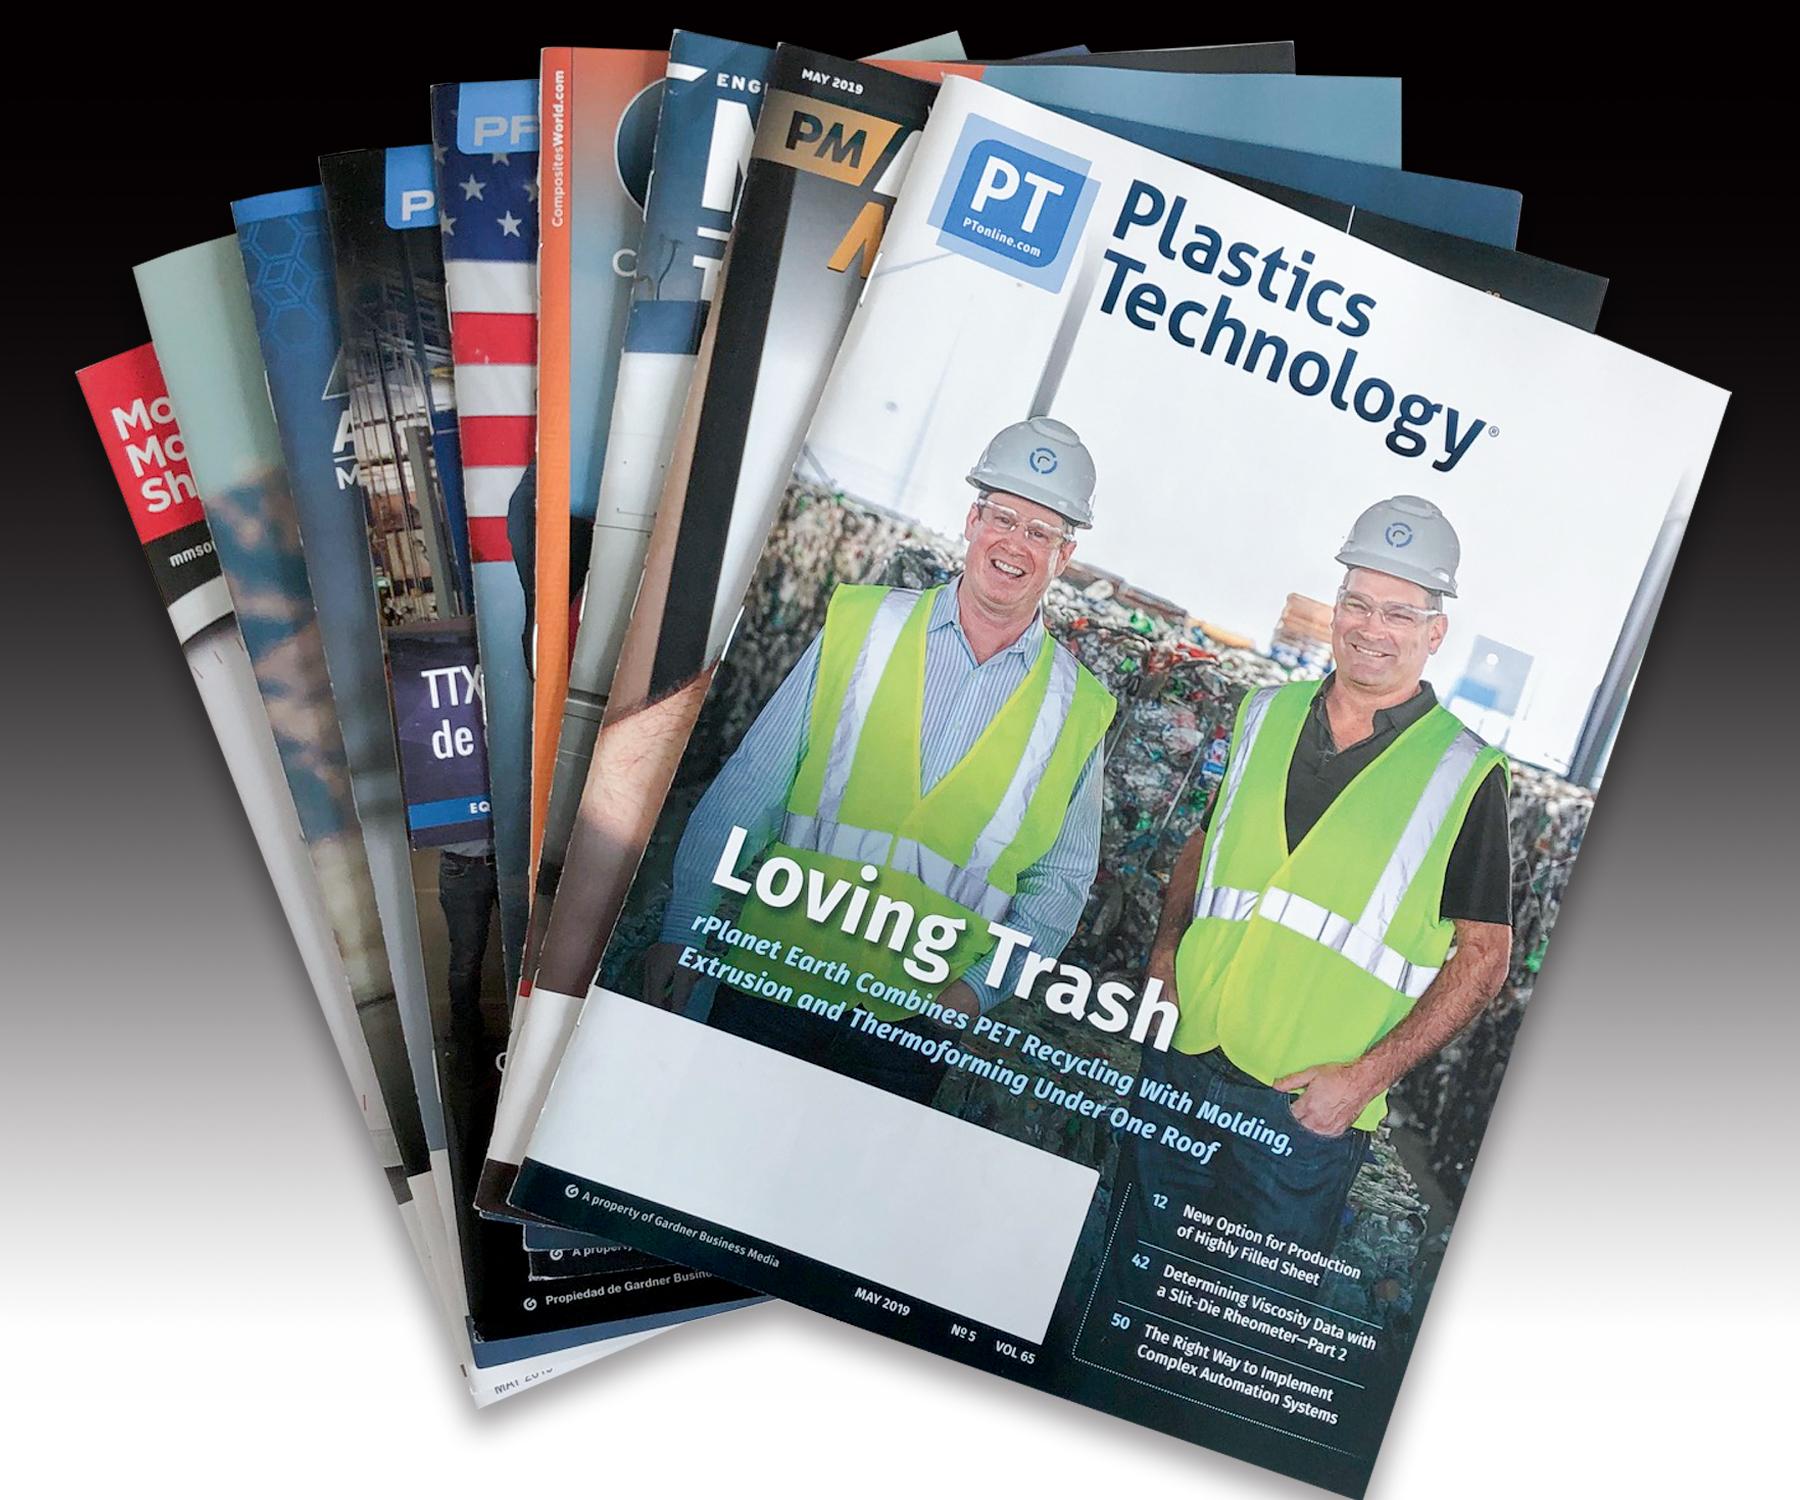 订阅《塑料技术》杂志188金宝怎么注册